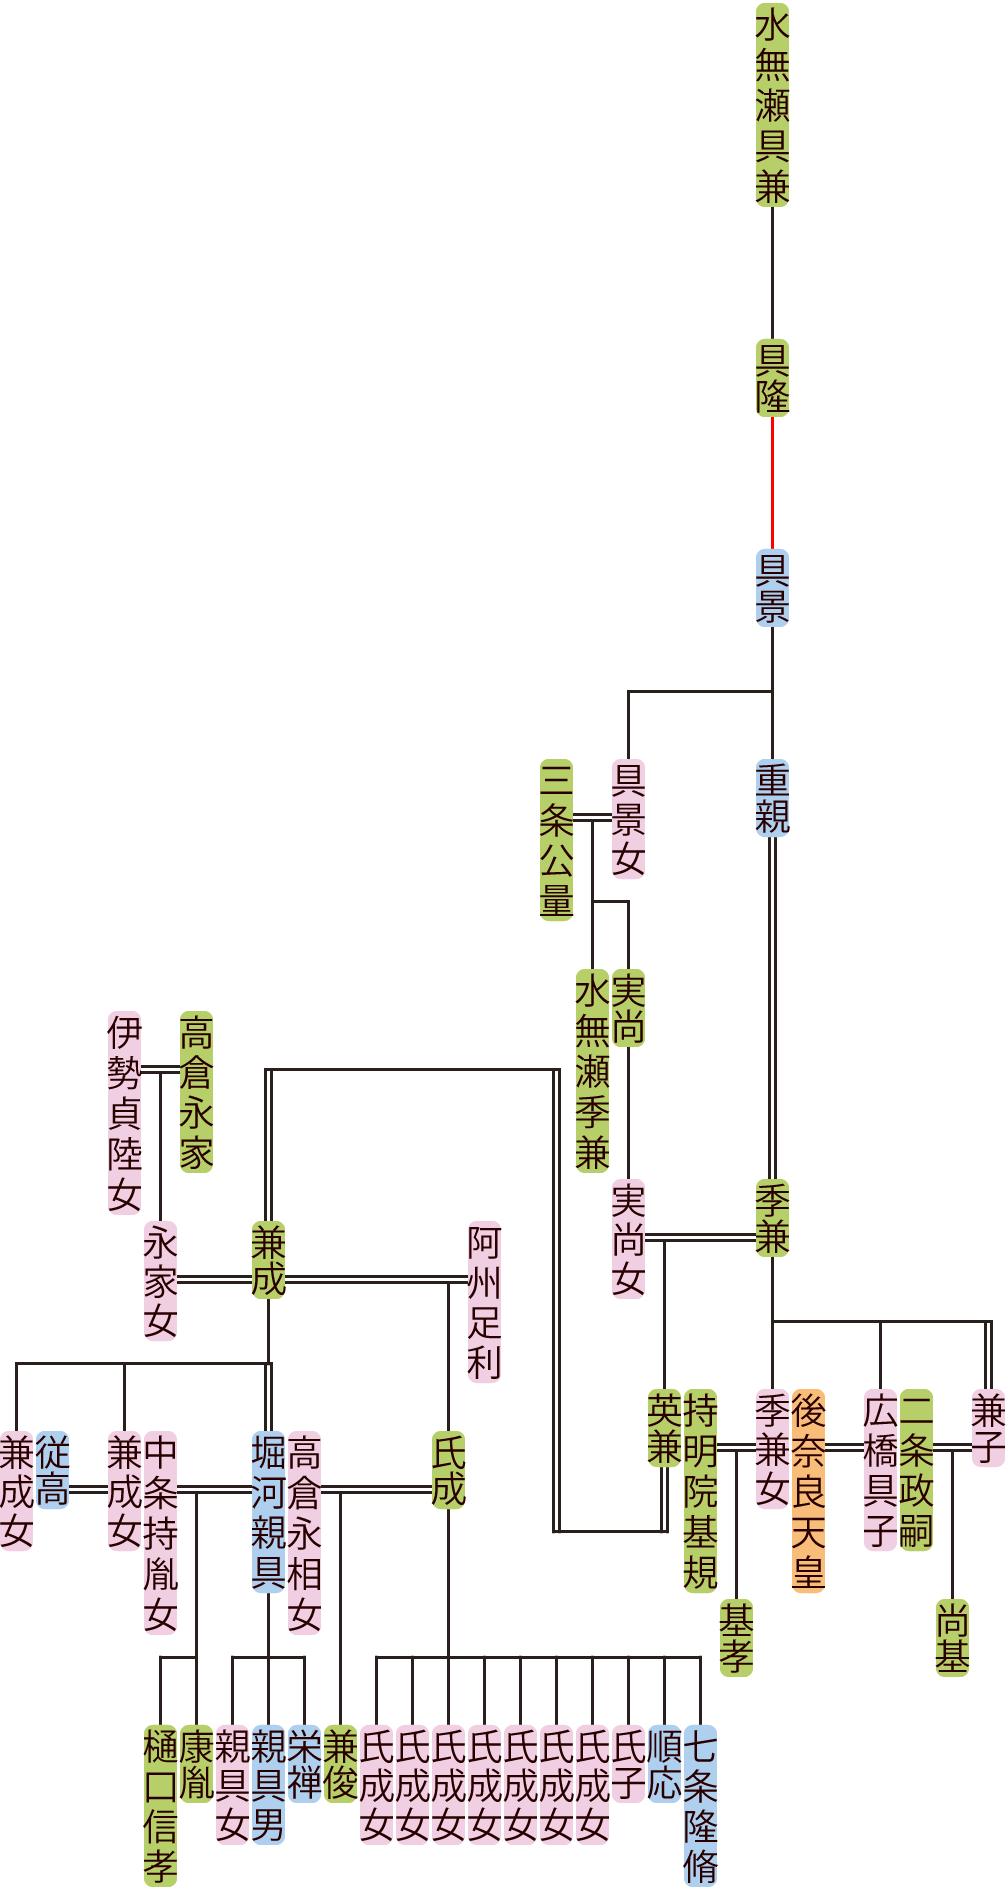 水無瀬具景~兼成の系図